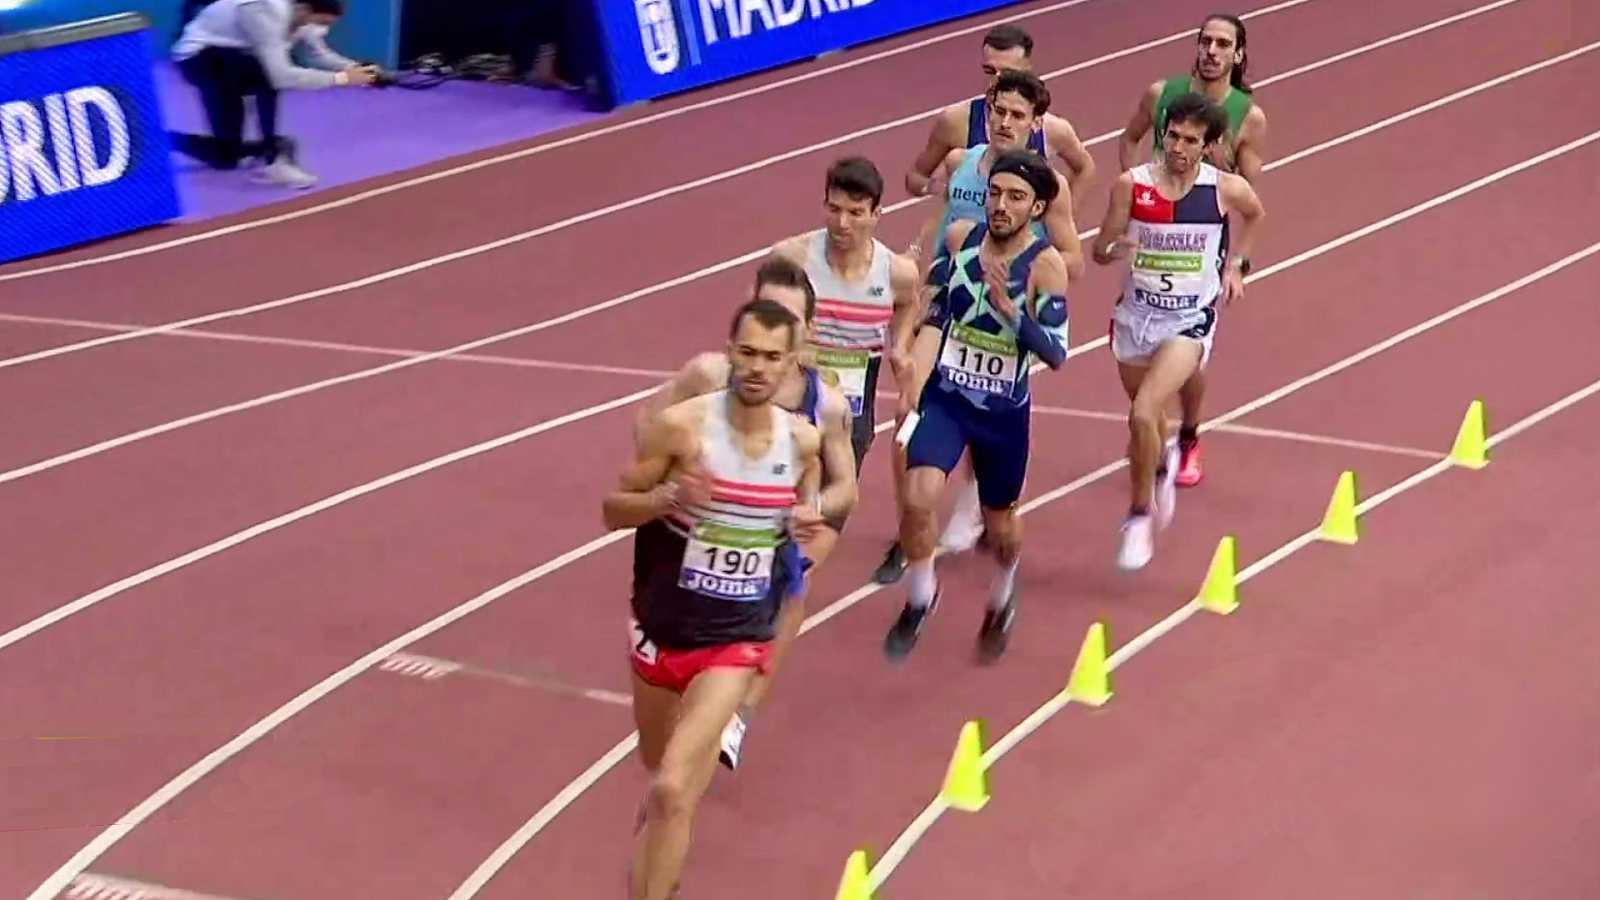 Atletismo - Campeonato de España Pista cubierta (2) - ver ahora